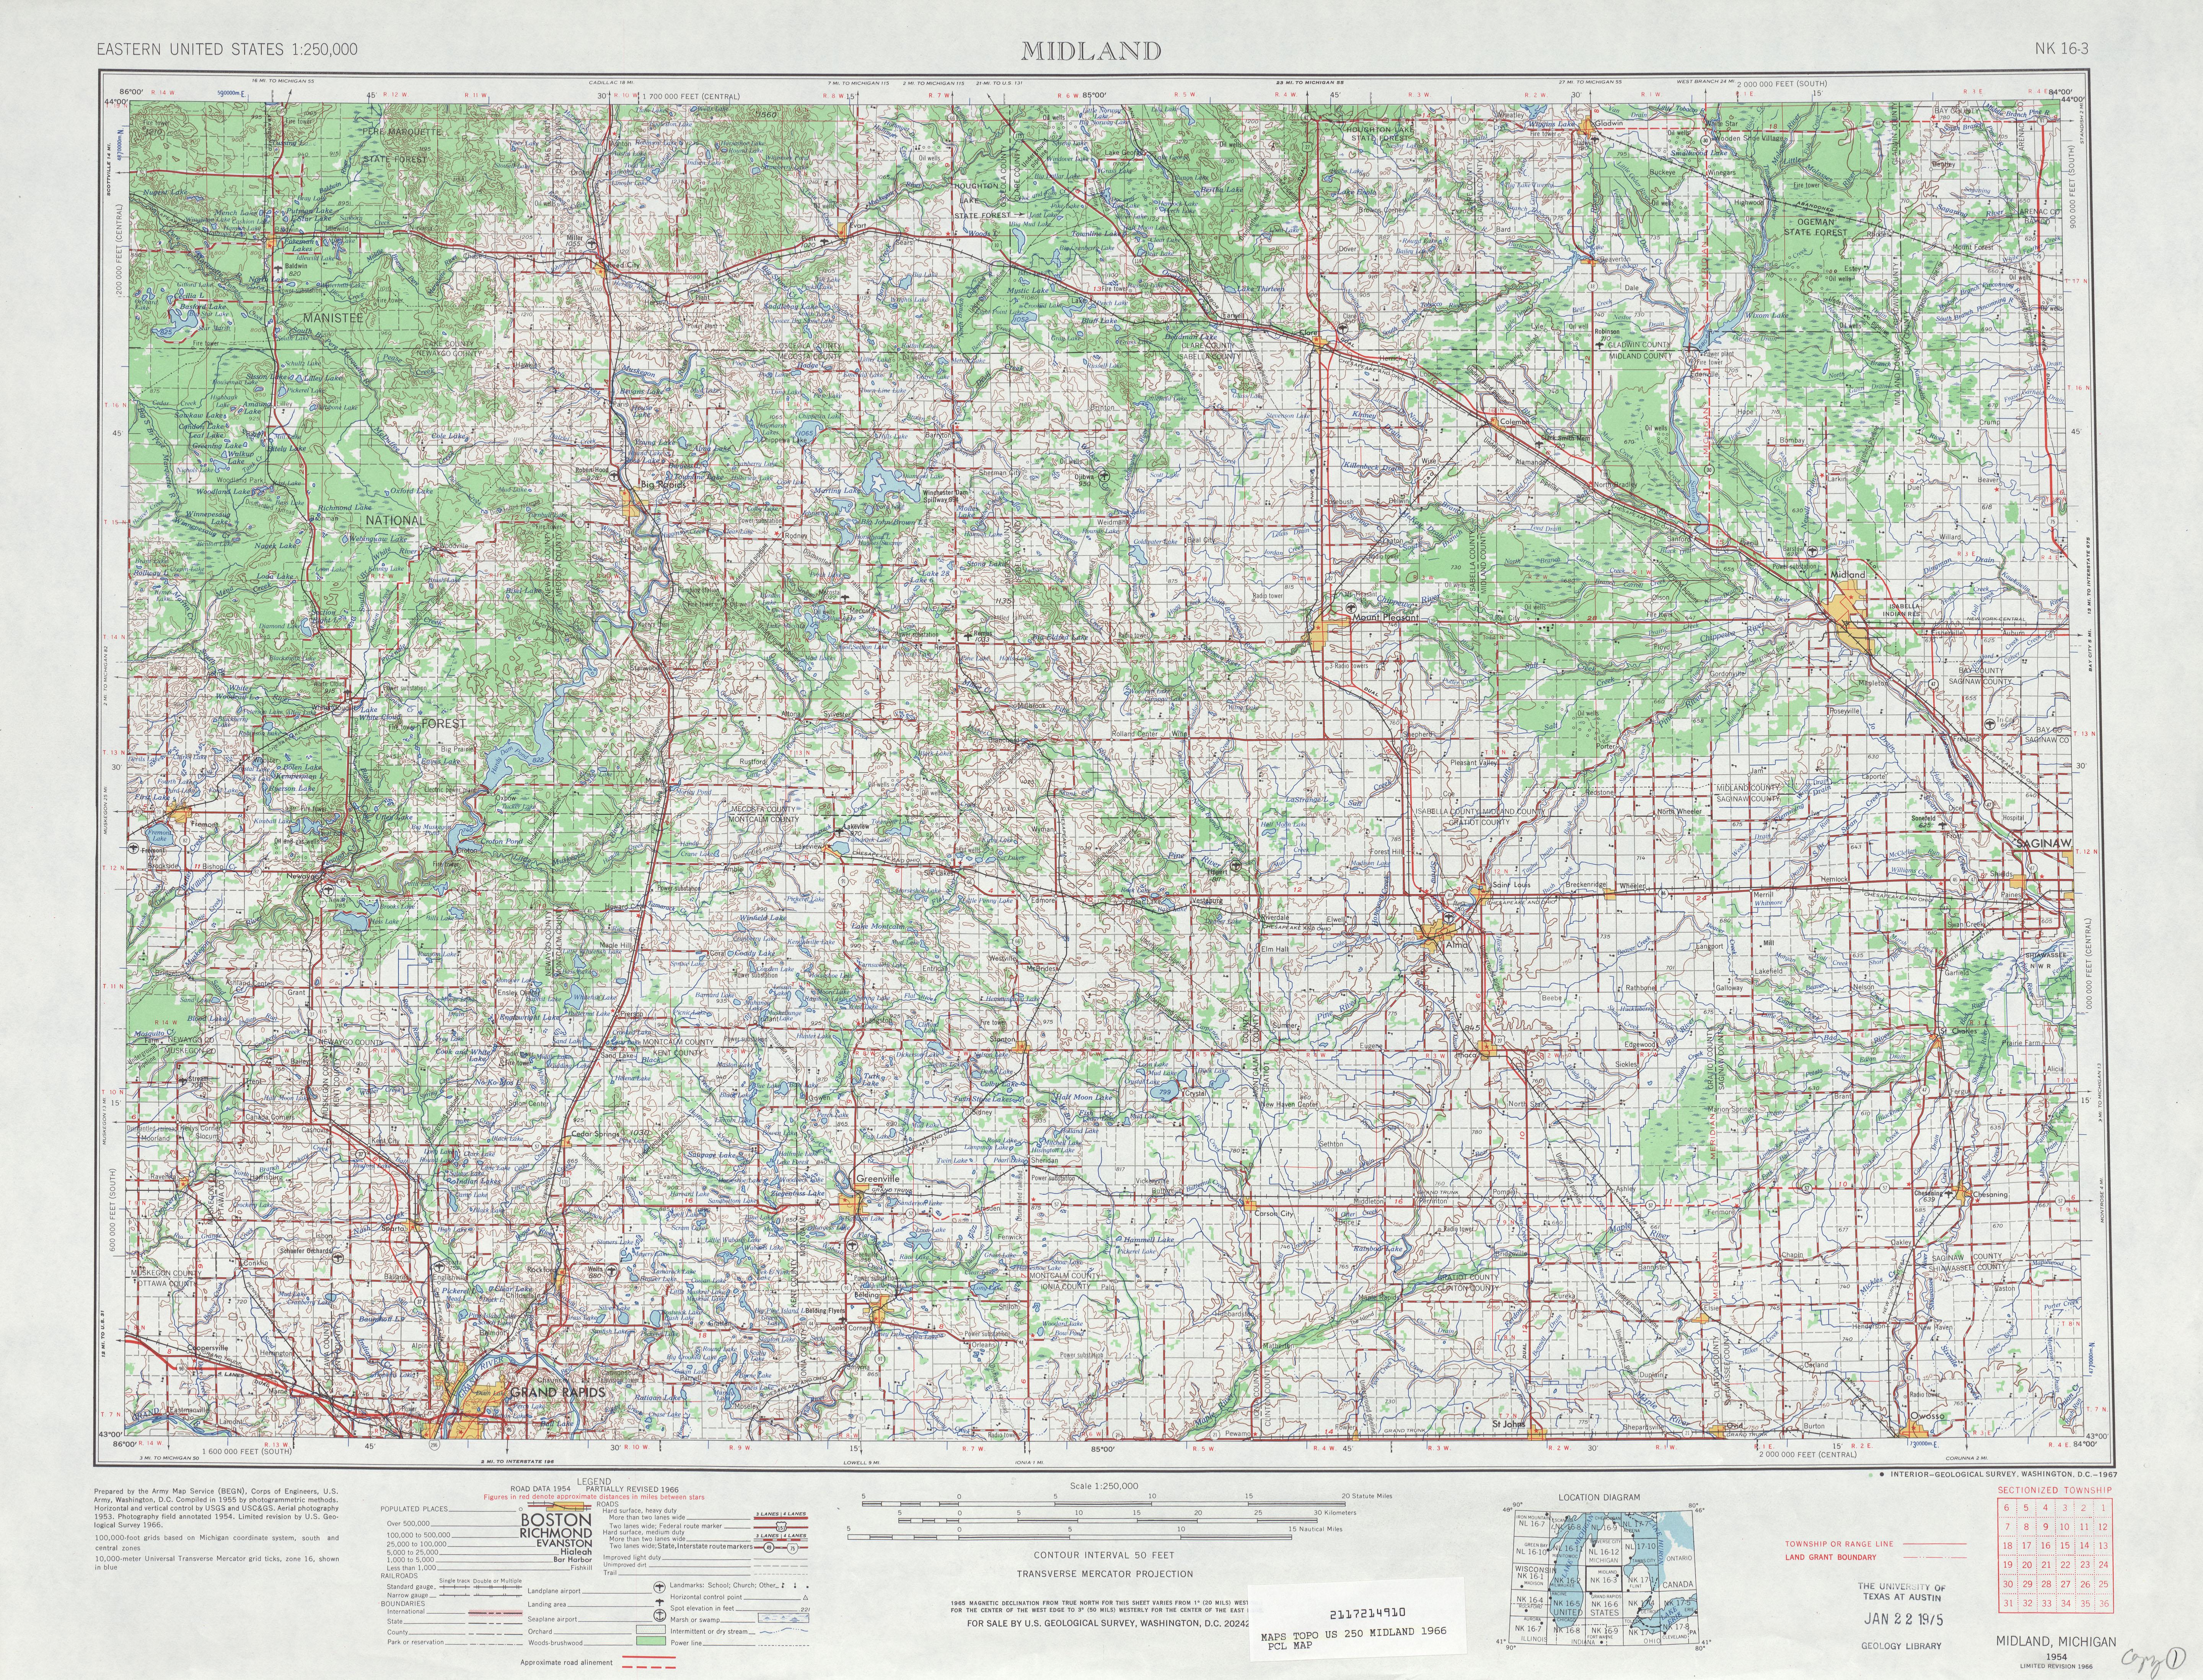 Hoja Midland del Mapa Topográfico de los Estados Unidos 1966